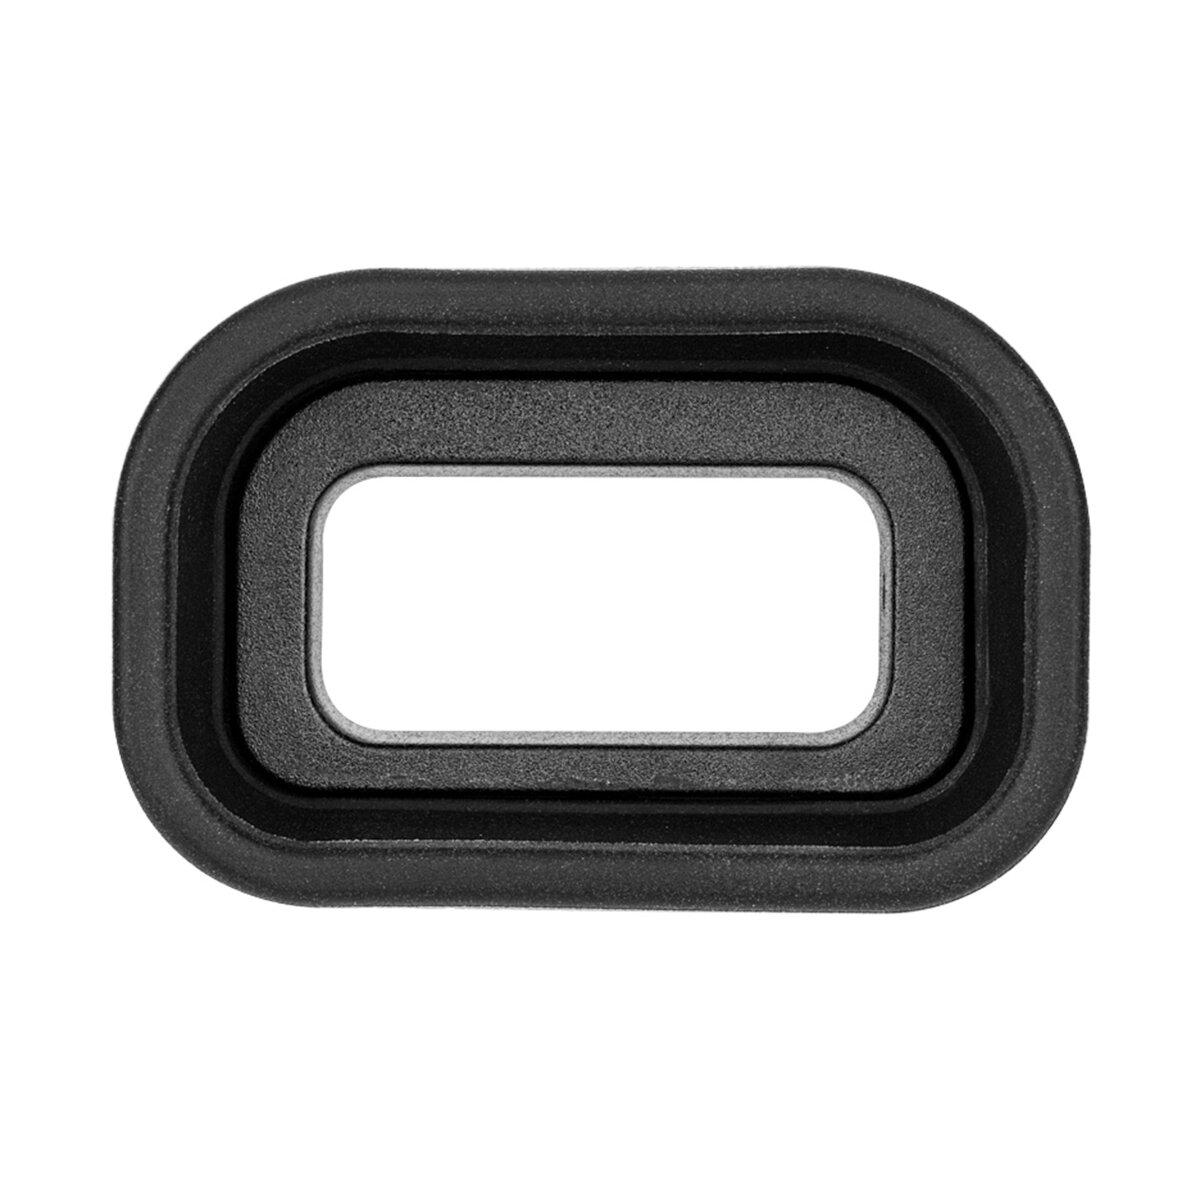 Kiwi Kamera-Augenmuschel KE-EP-10   Geeignet für Sony A6300, A6000   Aus weichem Silikon, Sehr komfortabel   Ersatz für Sony FDA-EP10